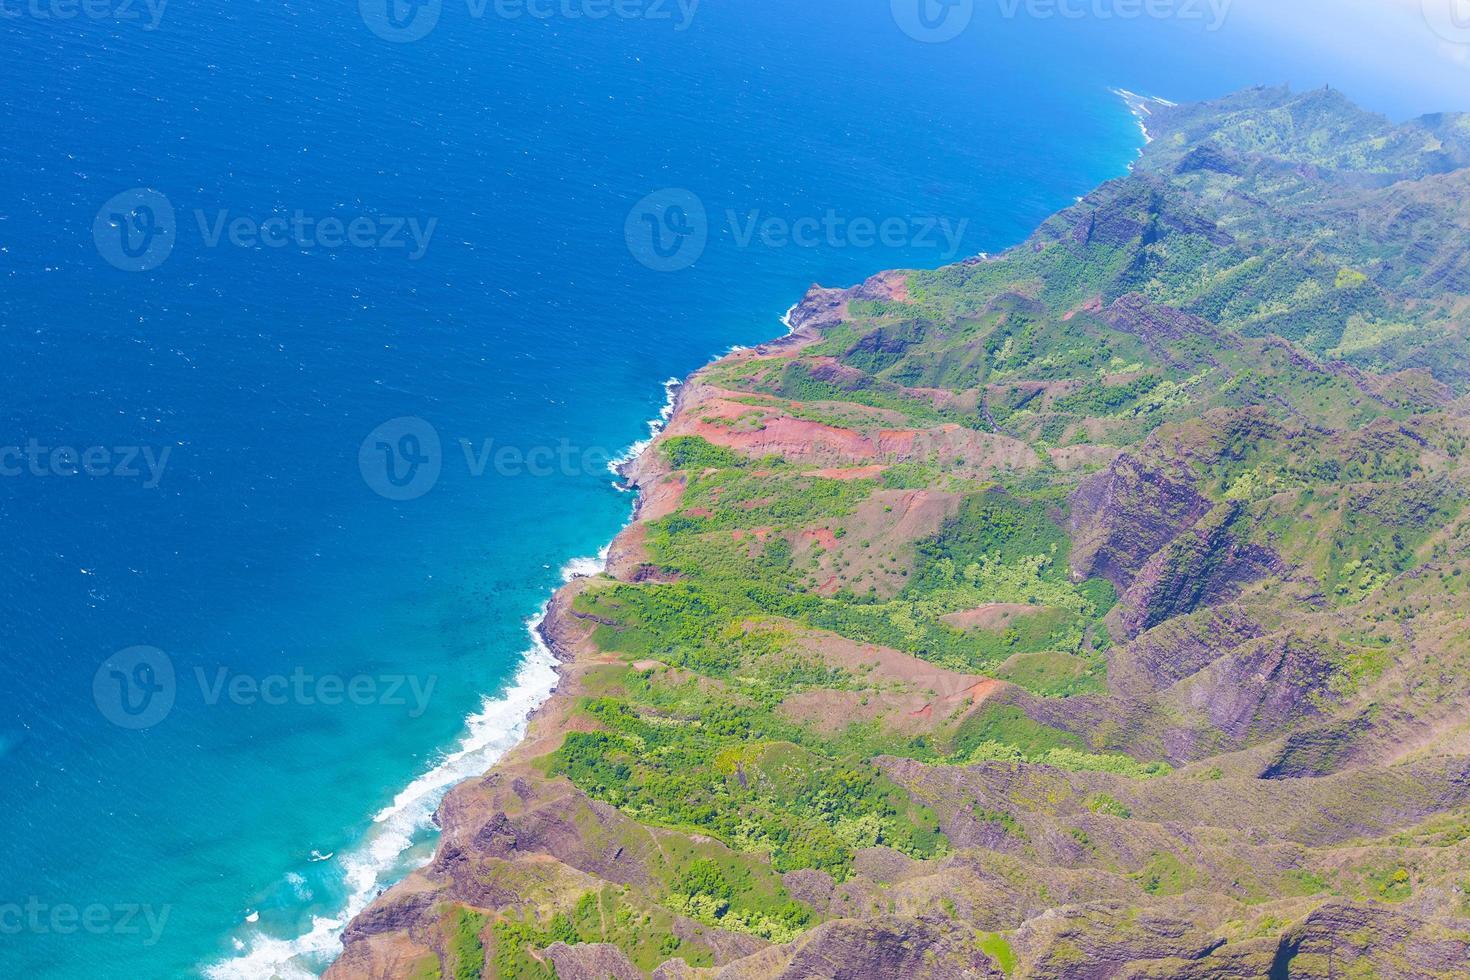 kauai vue depuis l'hélicoptère photo